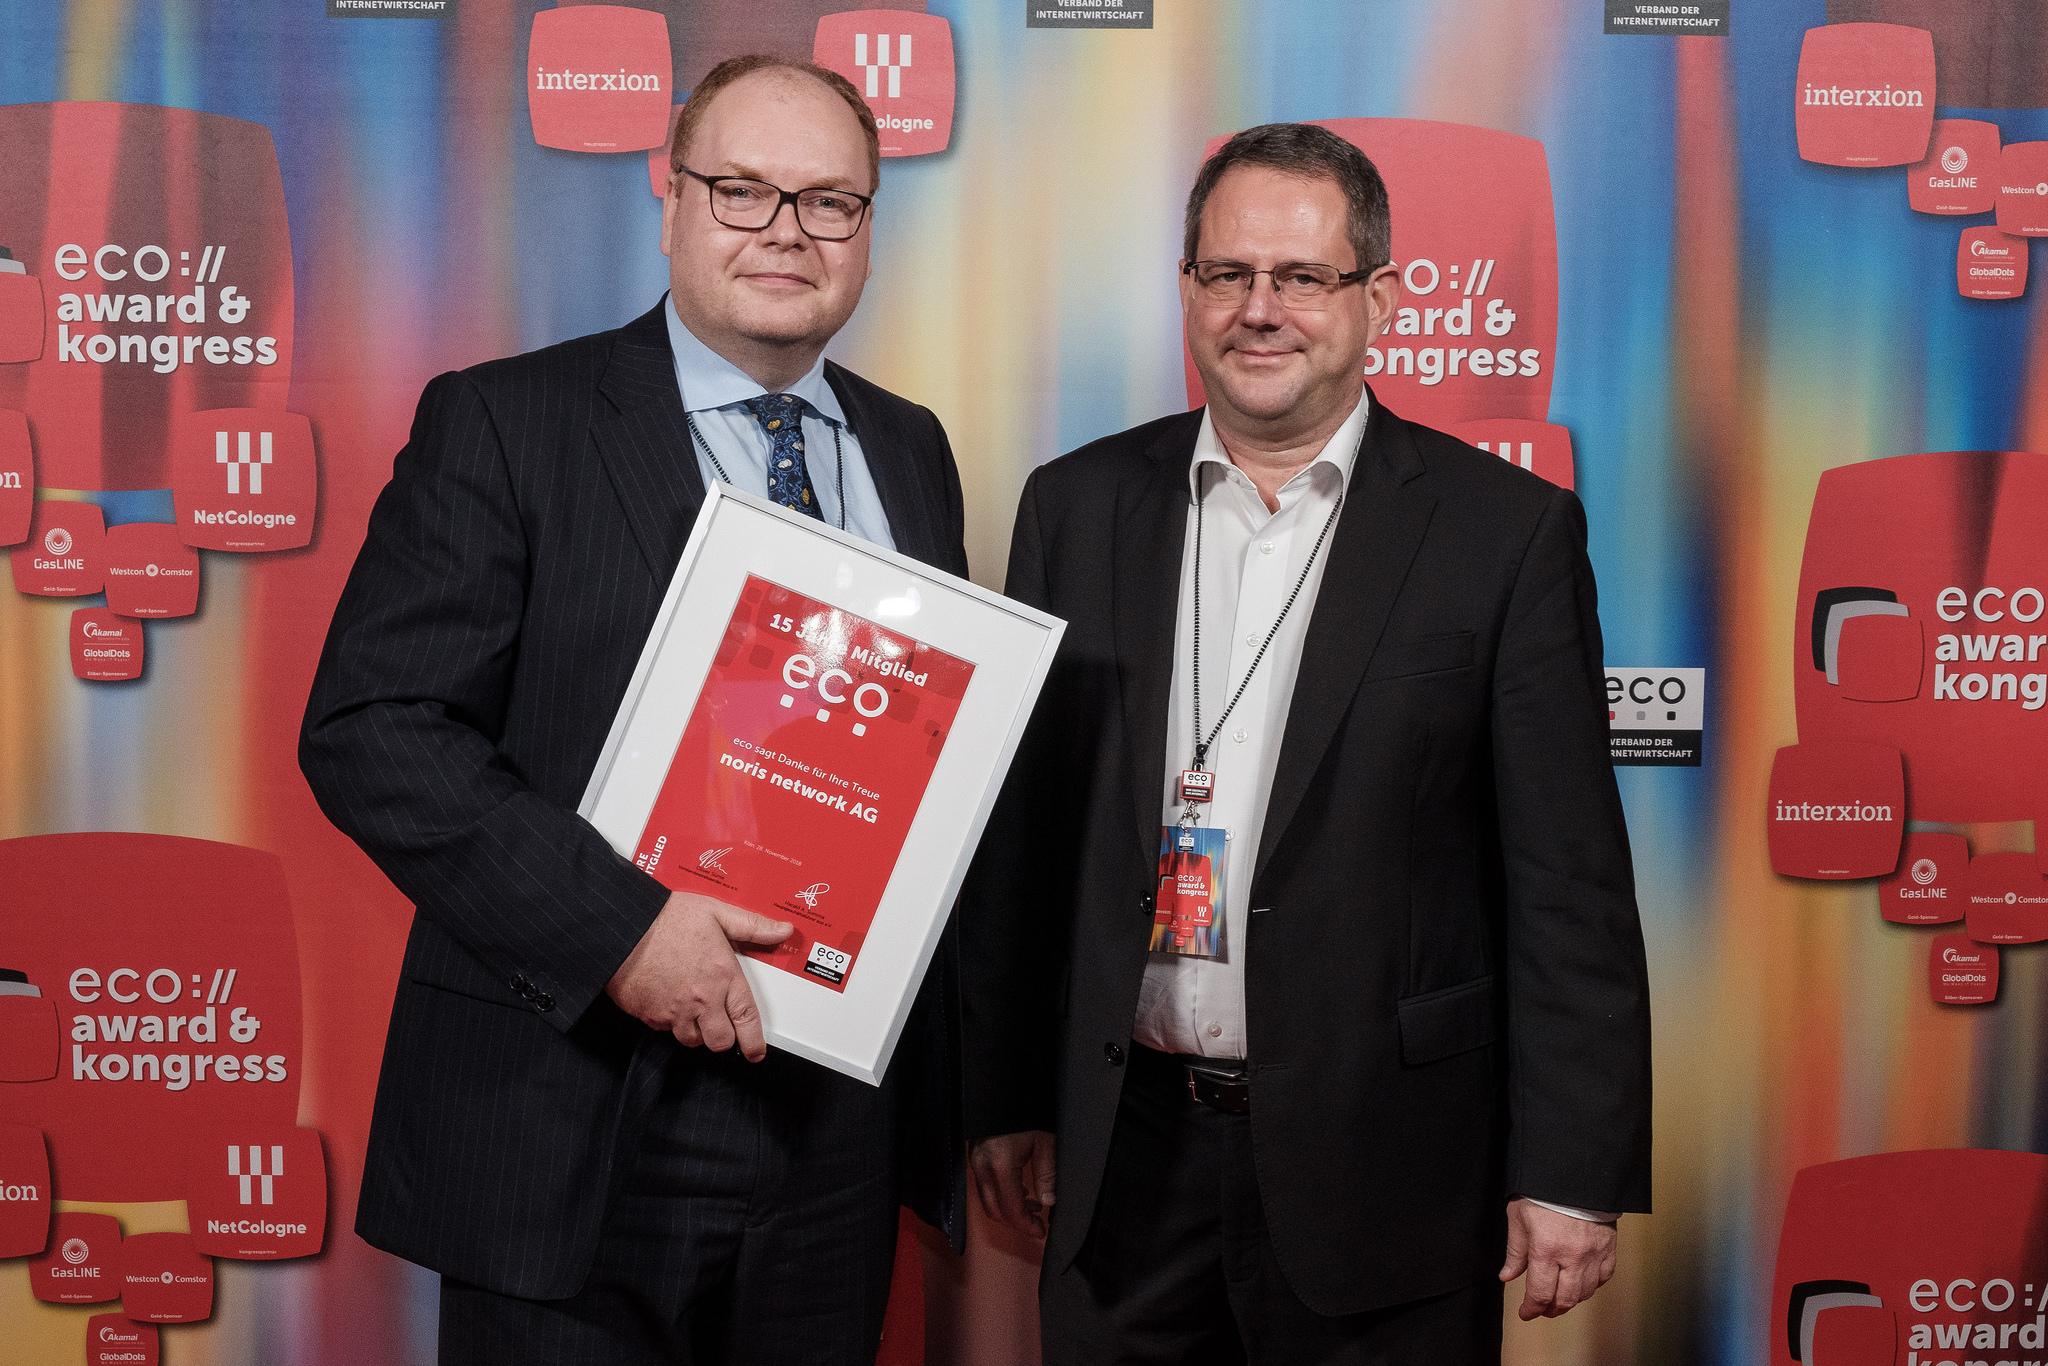 eco://kongress & eco:awards: Gemeinsam die digitale Zukunft gestalten 25